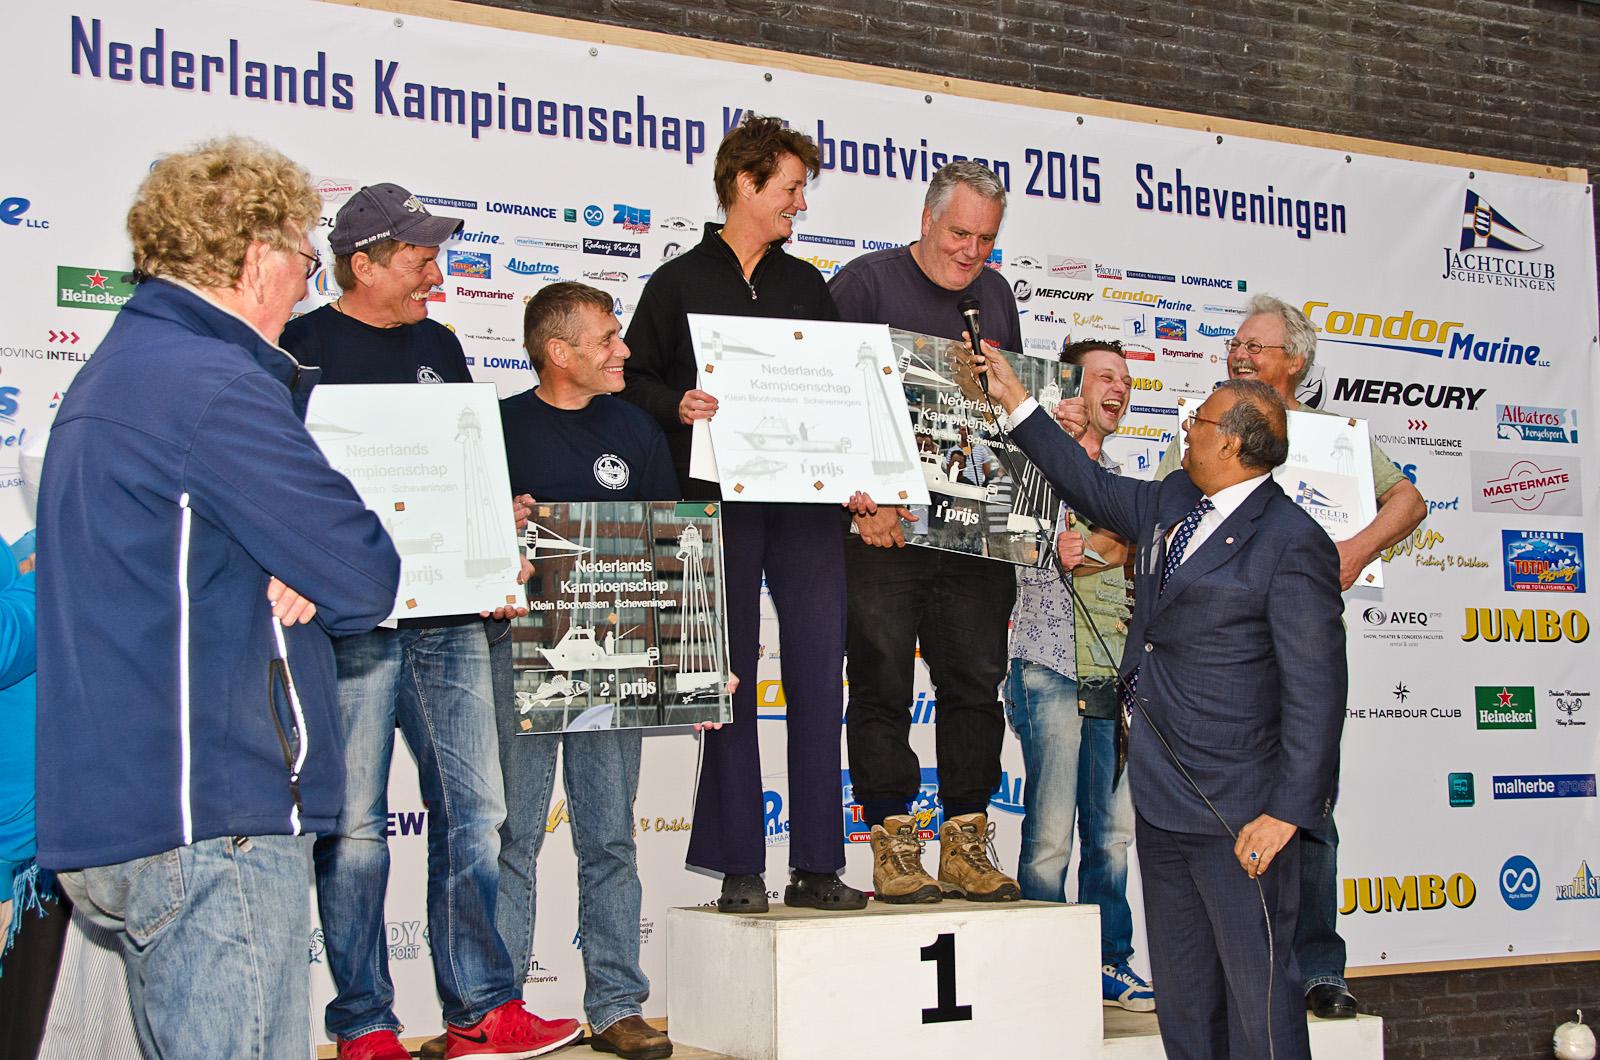 NK_kleinbootvissen_2015_Scheveningen-4